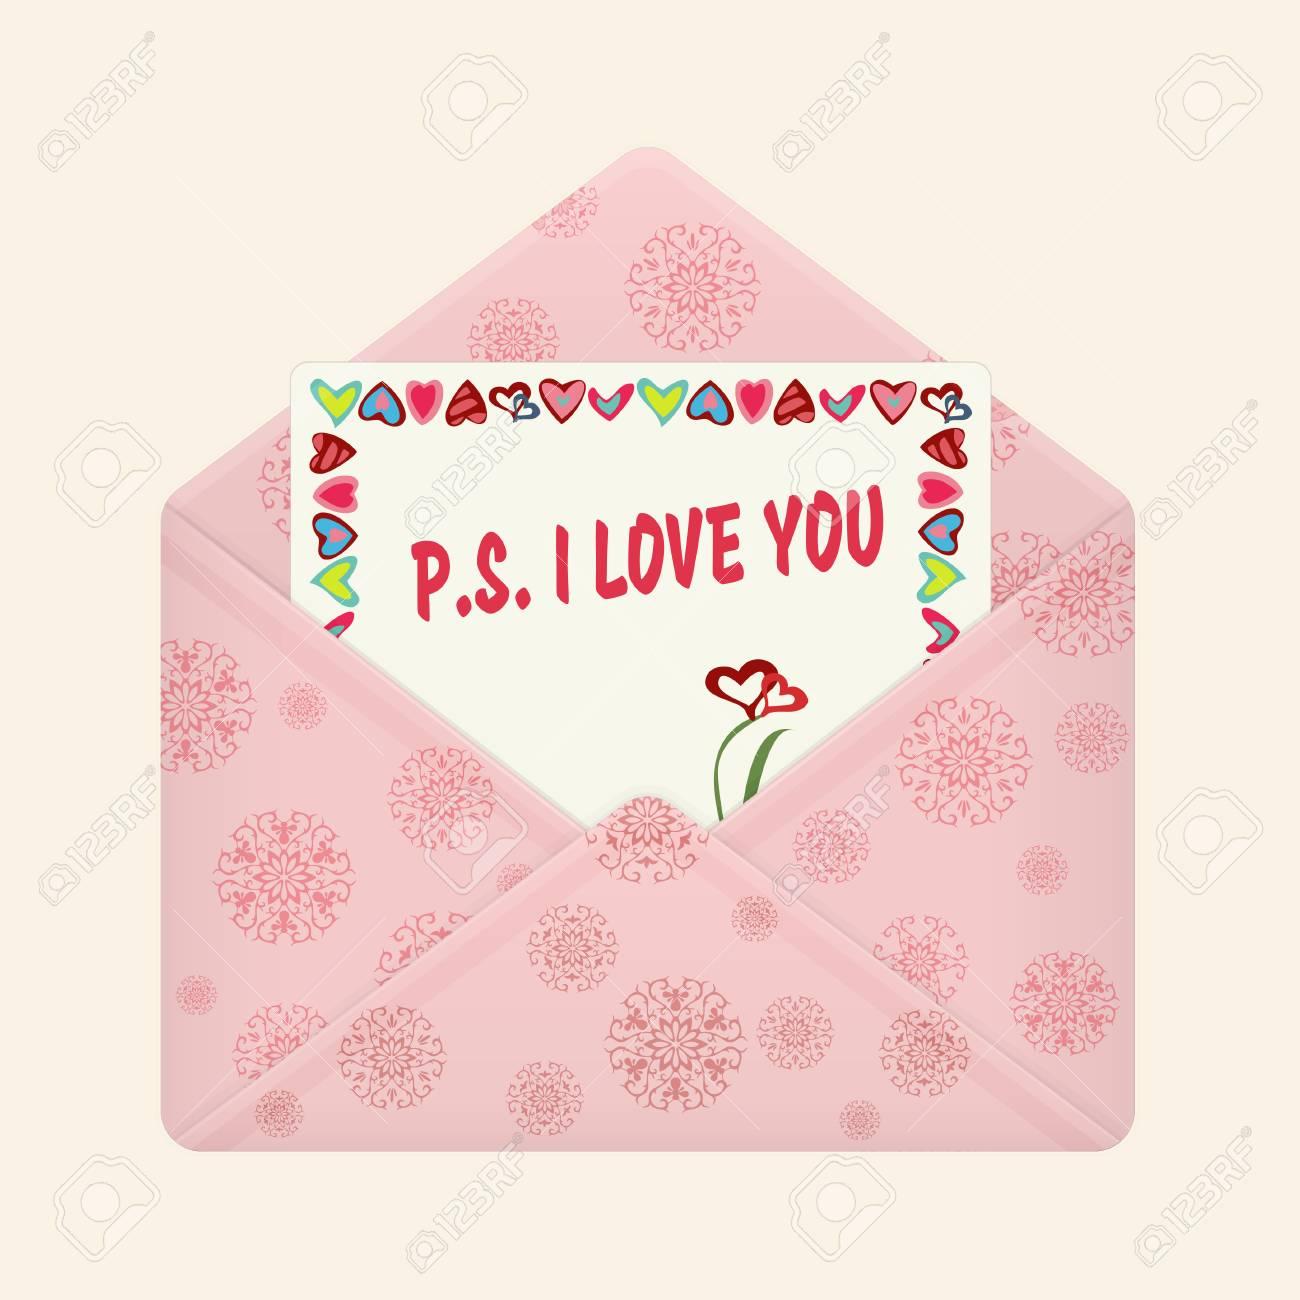 Lettre Dans Une Enveloppe Colorée Ouverte Carte Postale Avec Un Message Ps Je Taime Lettre De Valentine Icône Plate Déclaration Damour